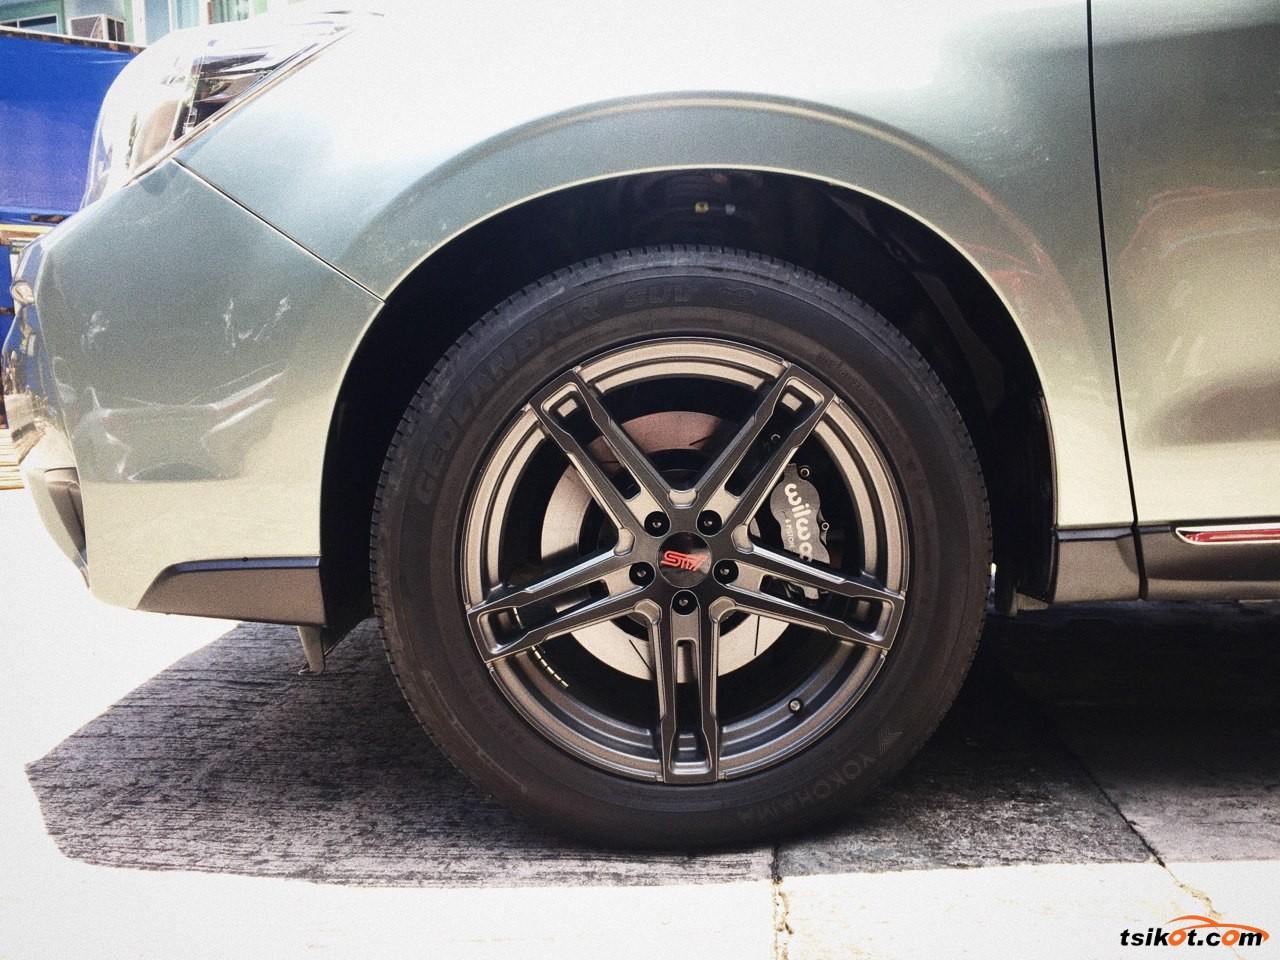 Subaru Xt 2014 - 2